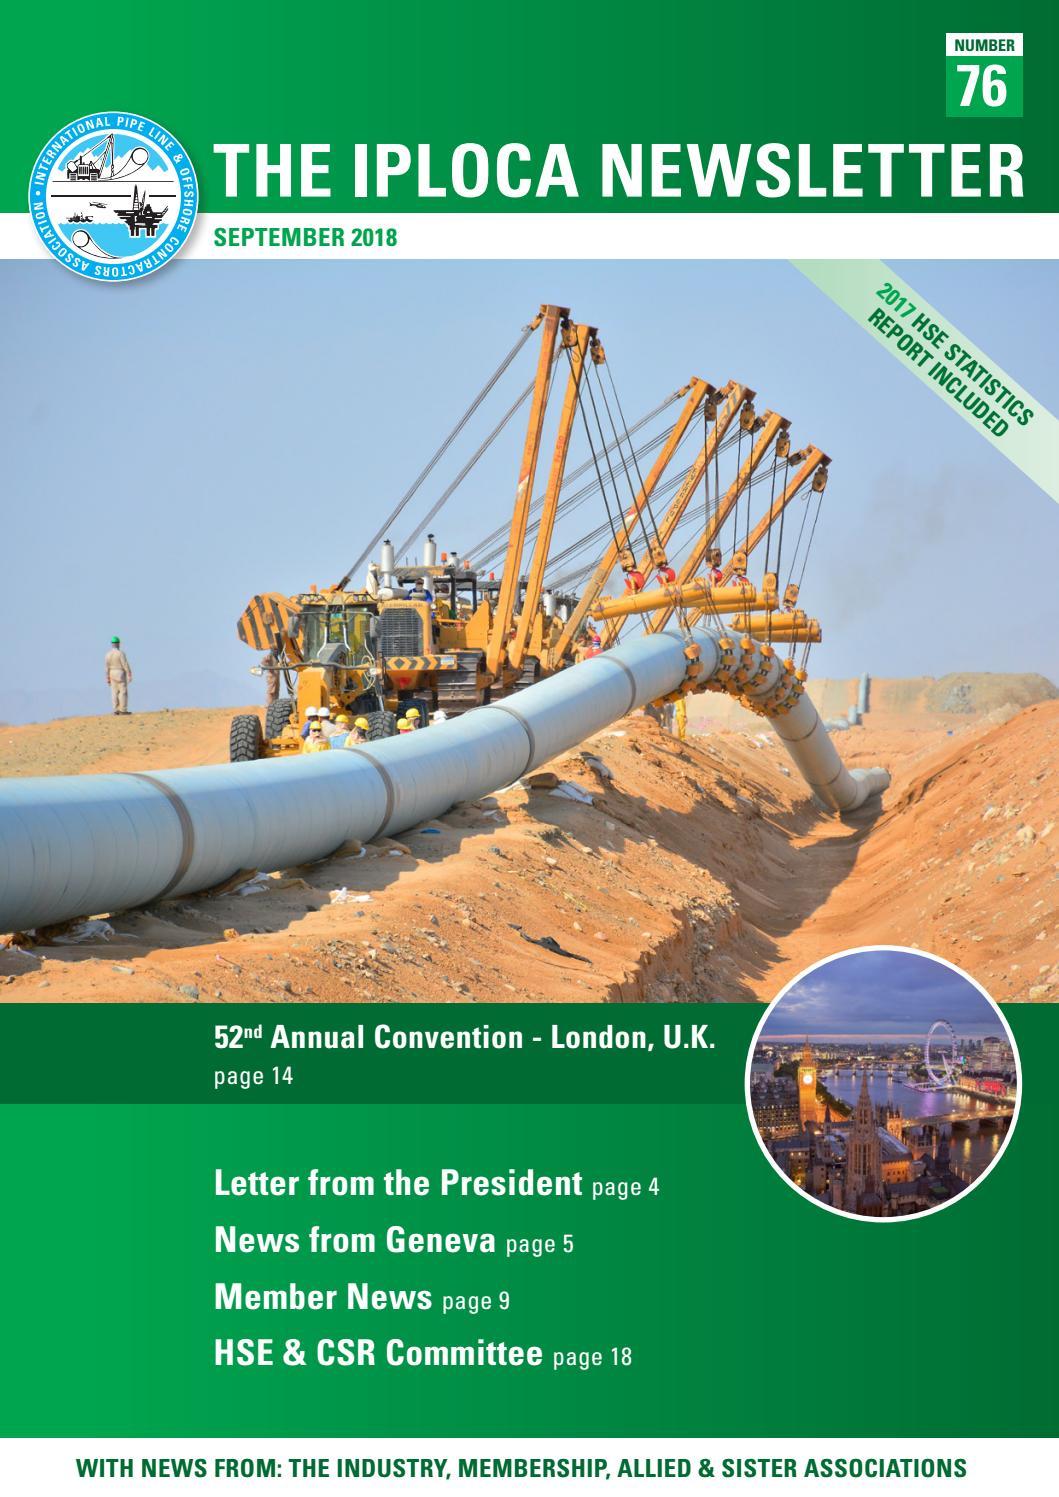 IPLOCA Newsletter 76 by Pedemex BV - issuu